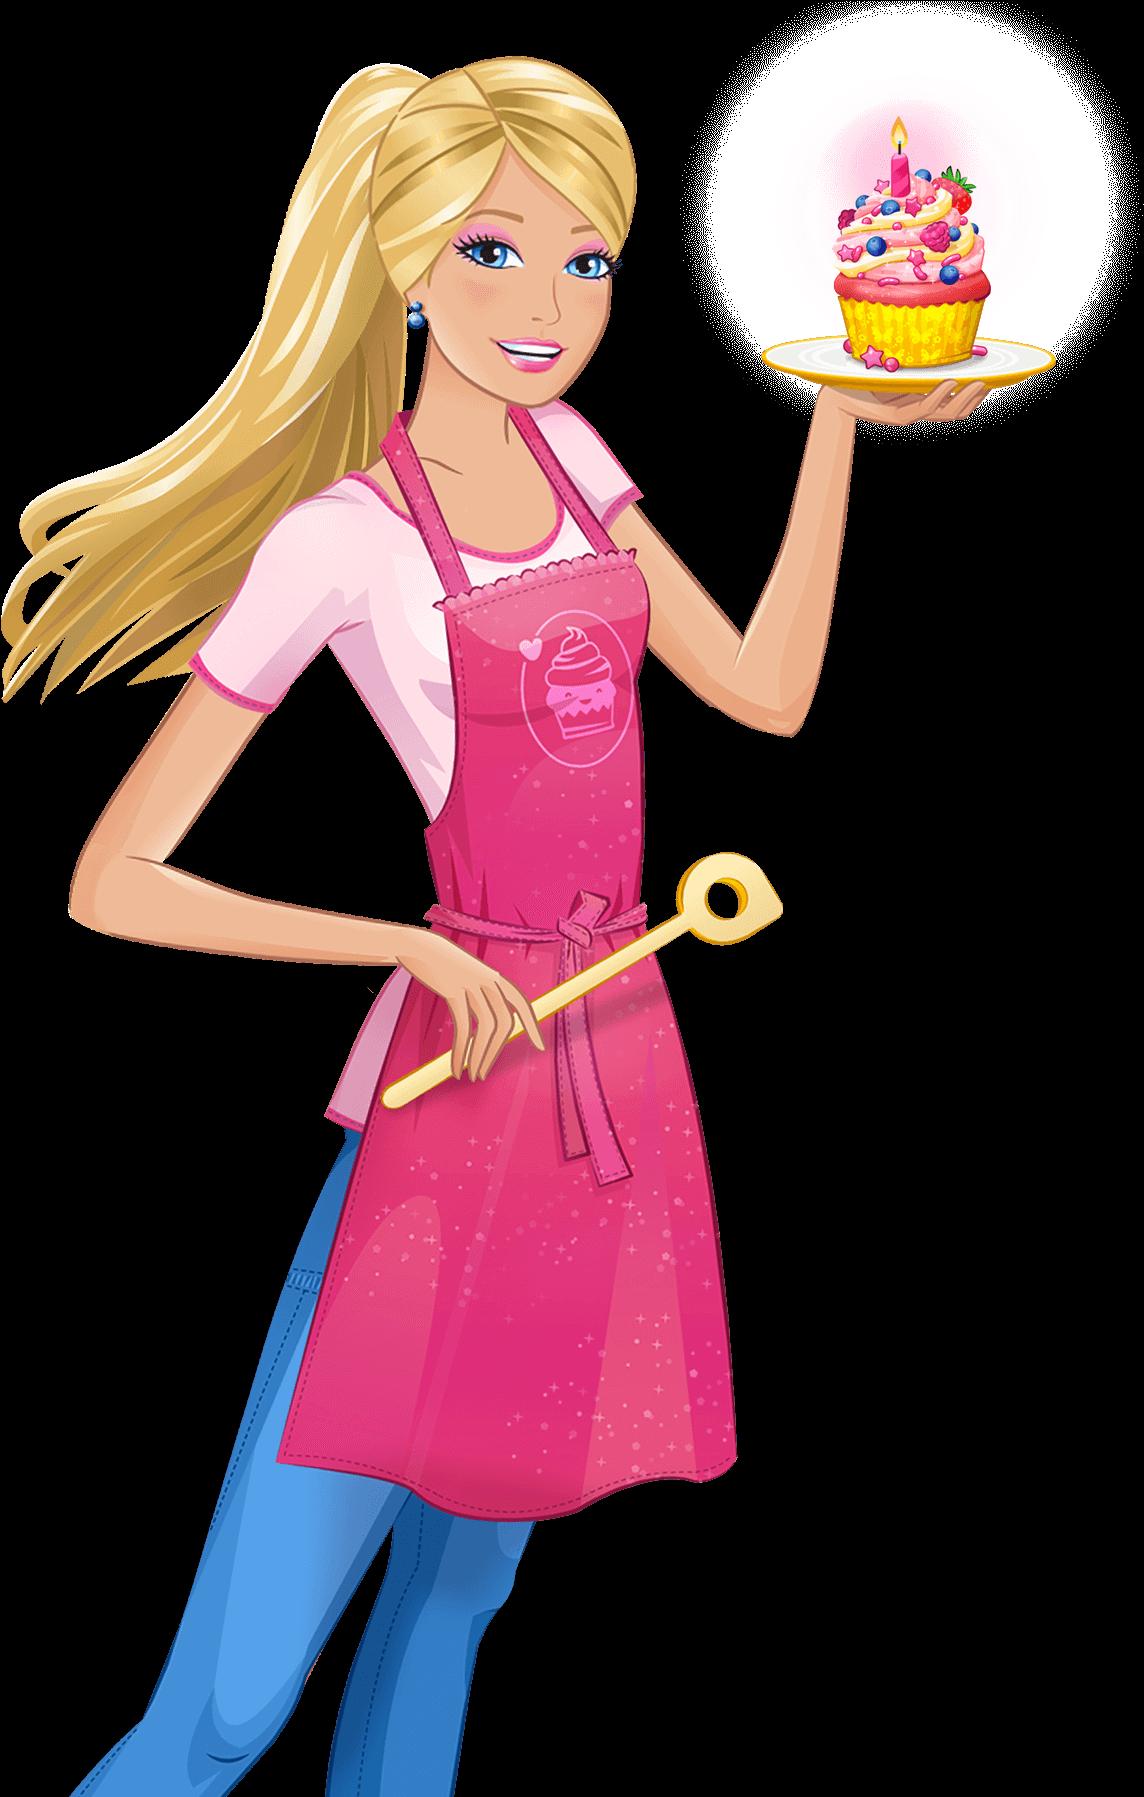 Barbie clipart transparent background 2